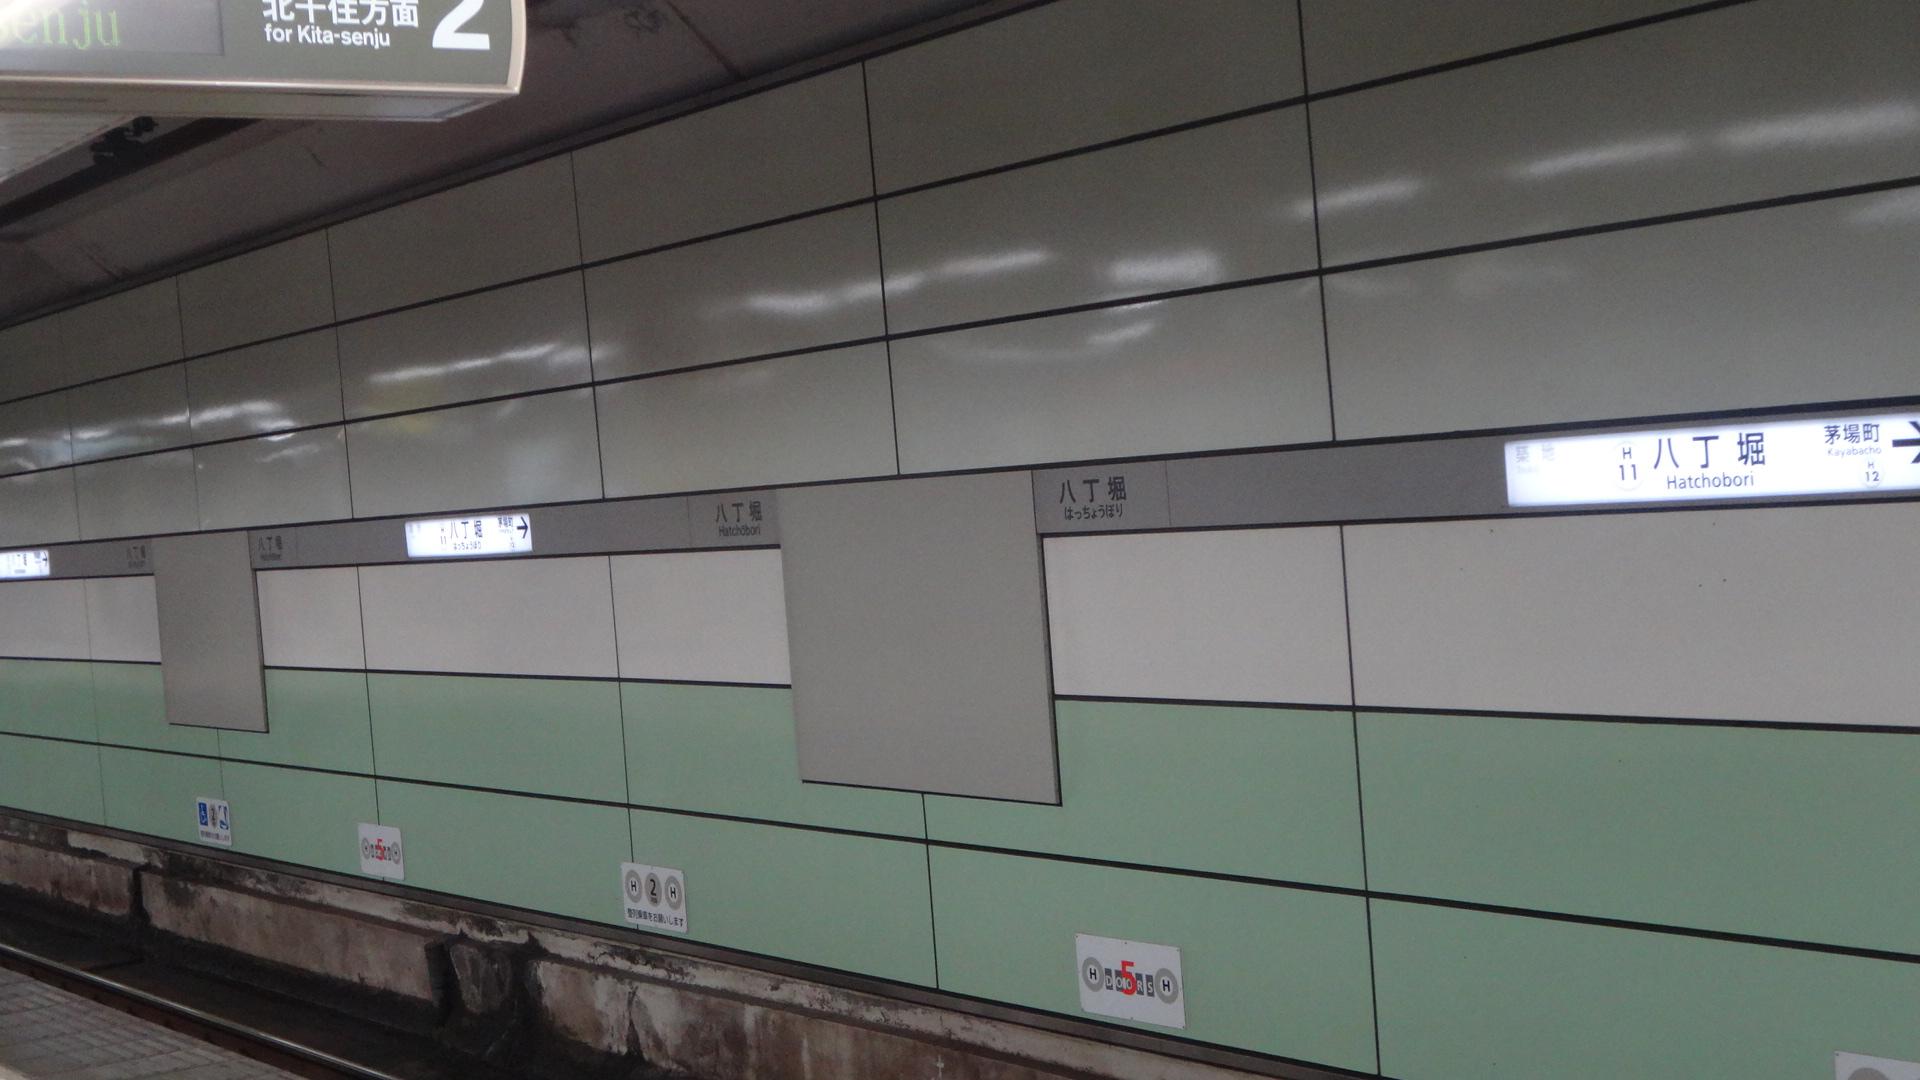 広告が出ていない地下鉄のホームの看板